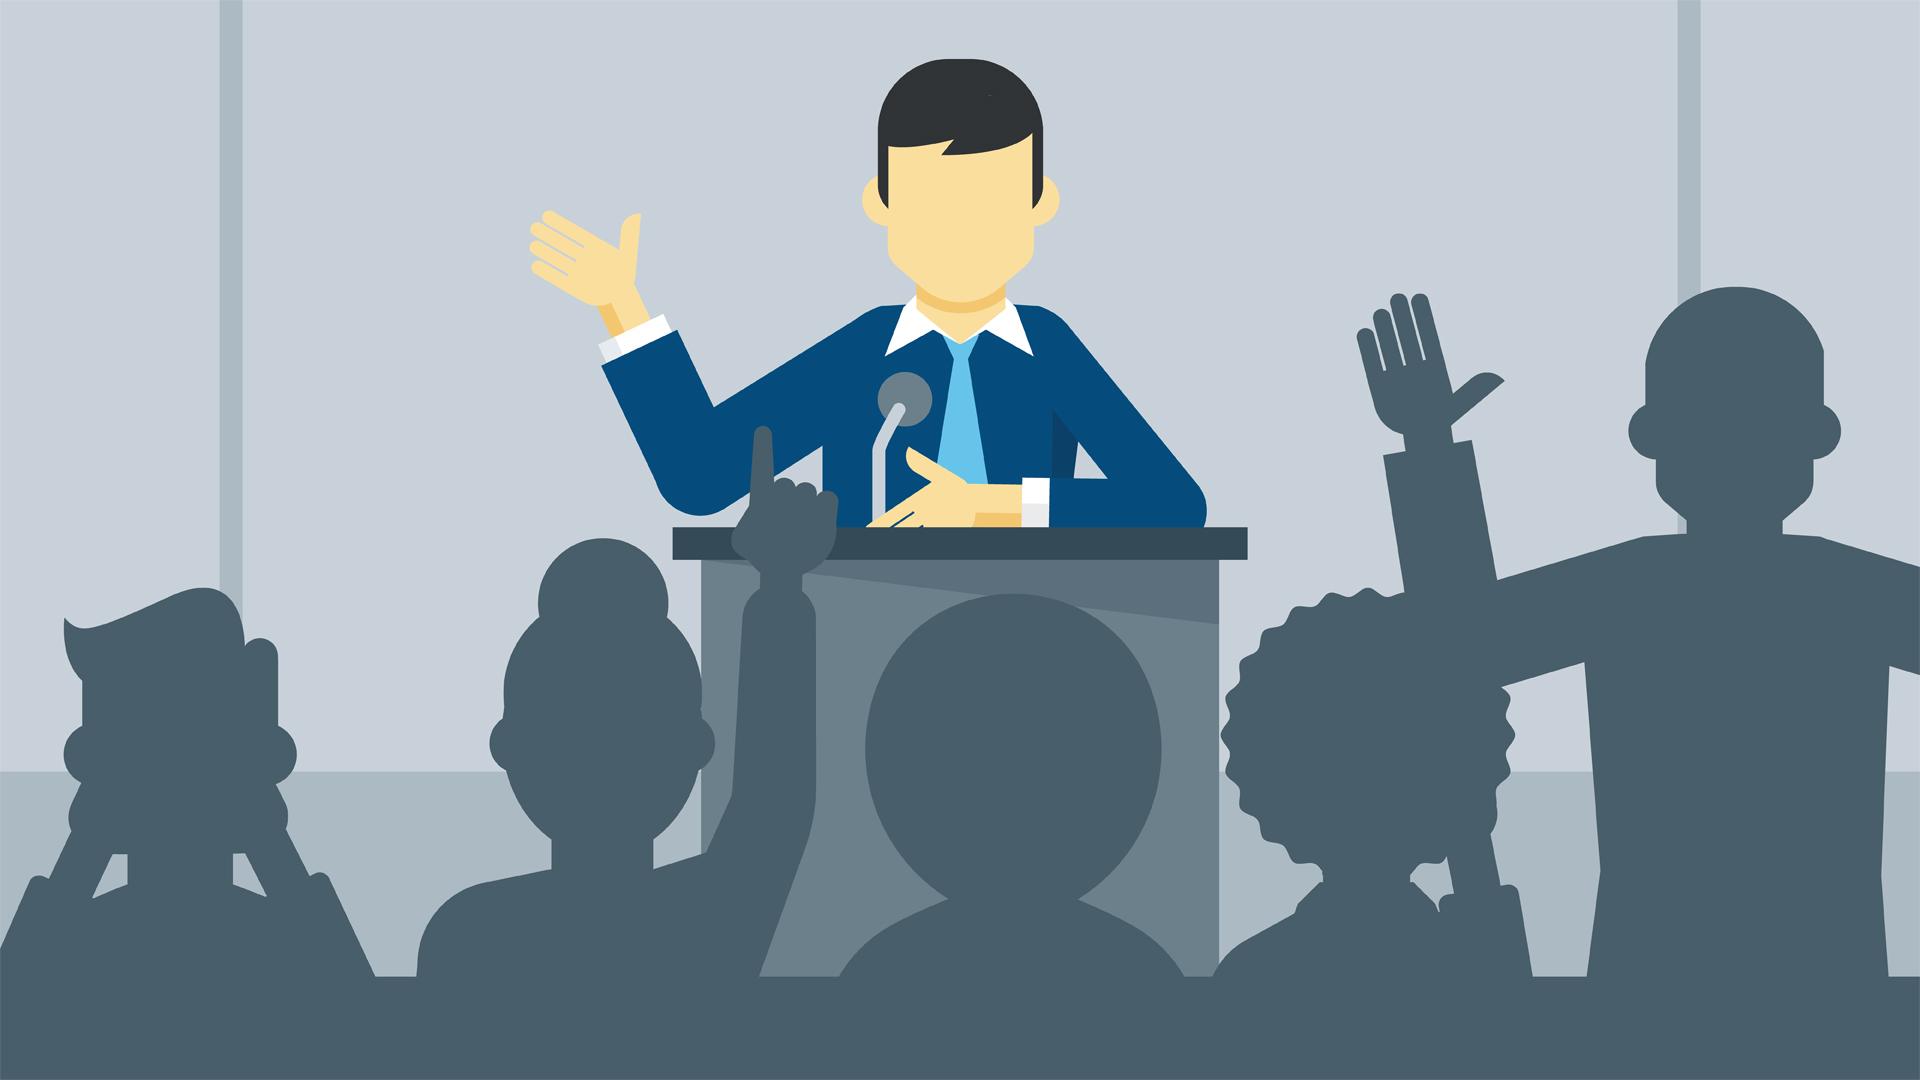 tiếng vỗ tay trong PowerPoint đơn giản